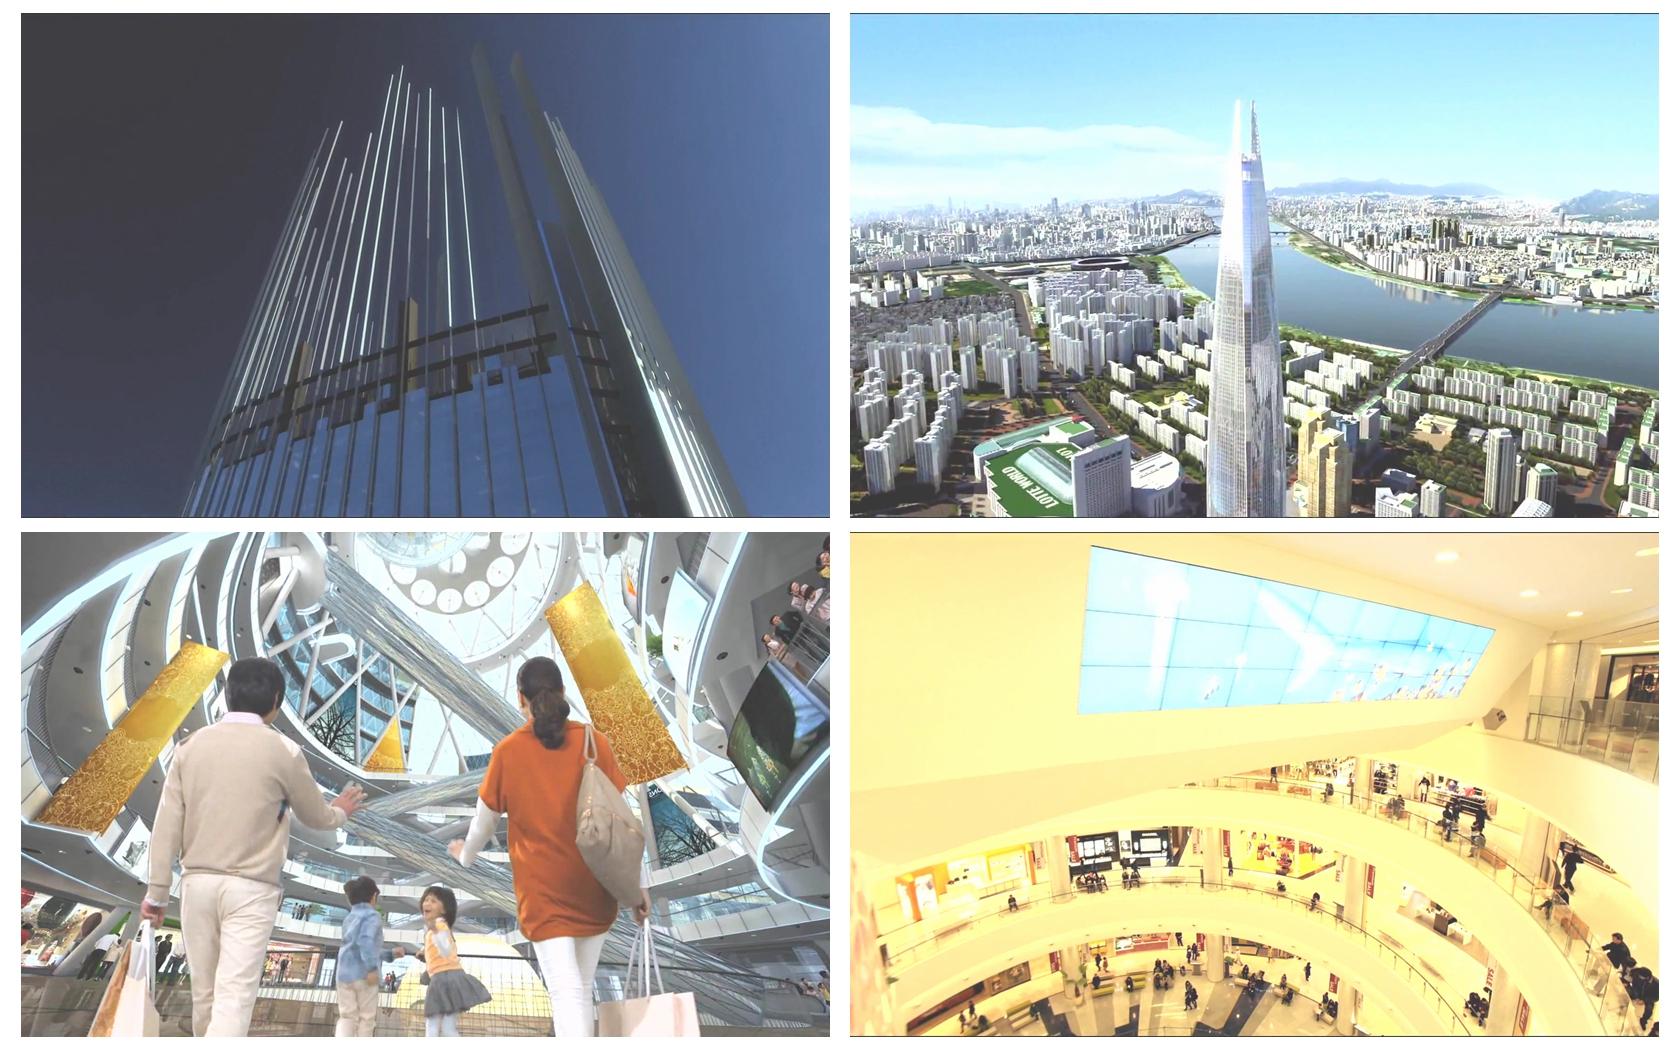 创新购物商圈构建大型娱乐购物场所大楼建设形象宣传高清视频实拍